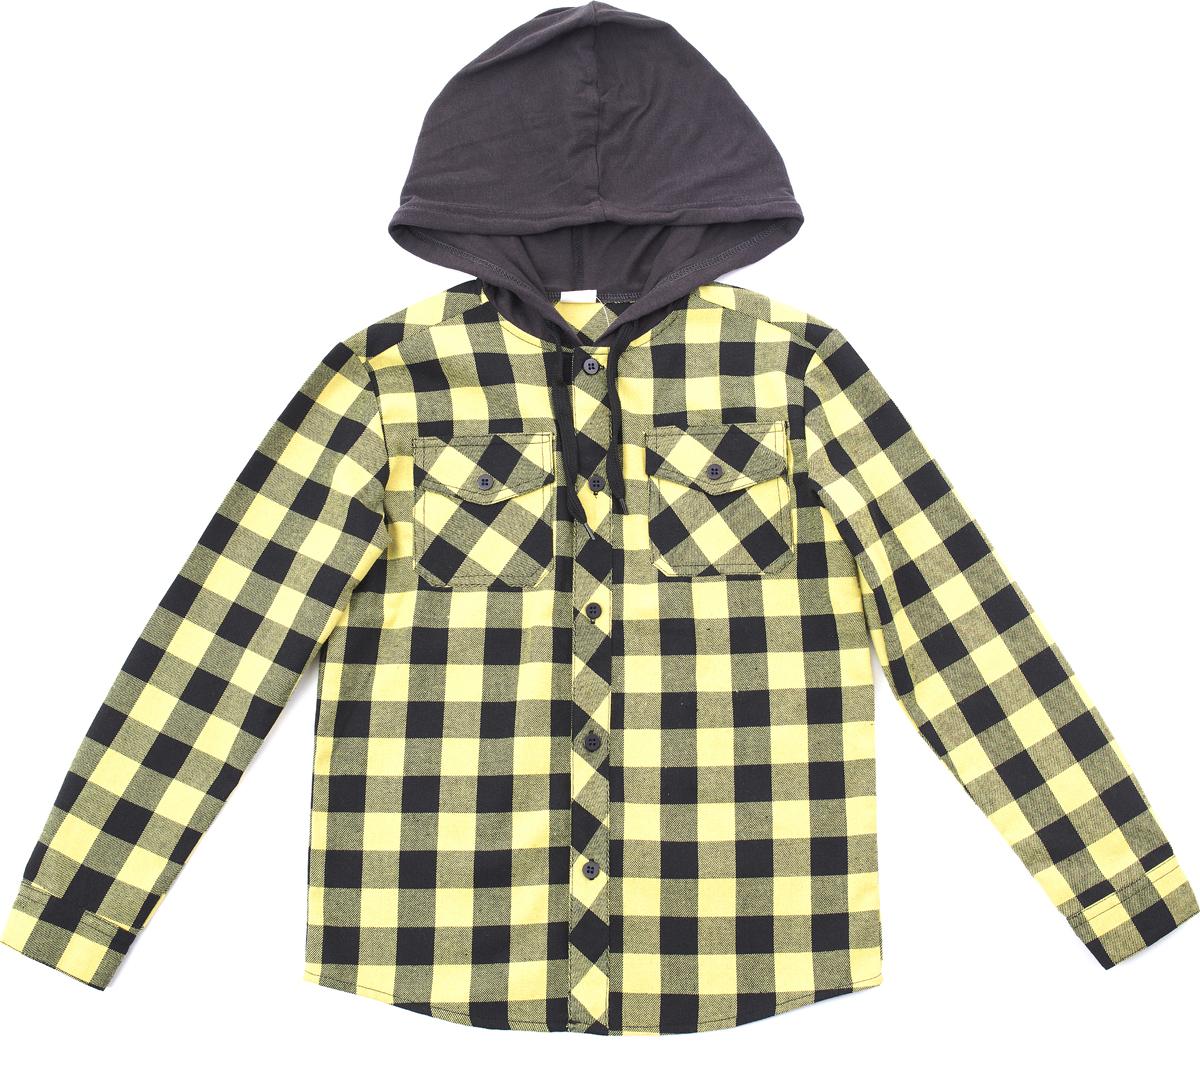 Рубашка для мальчика PlayToday, цвет: черный, желтый. 181061. Размер 104181061Сорочка выполнена из натурального хлопка. Модель дополнена встрочным капюшоном на регулируемом шнуре - кулиске. Рукава оофрмлены манжетами. Сорочка с двумя накладными карманами.